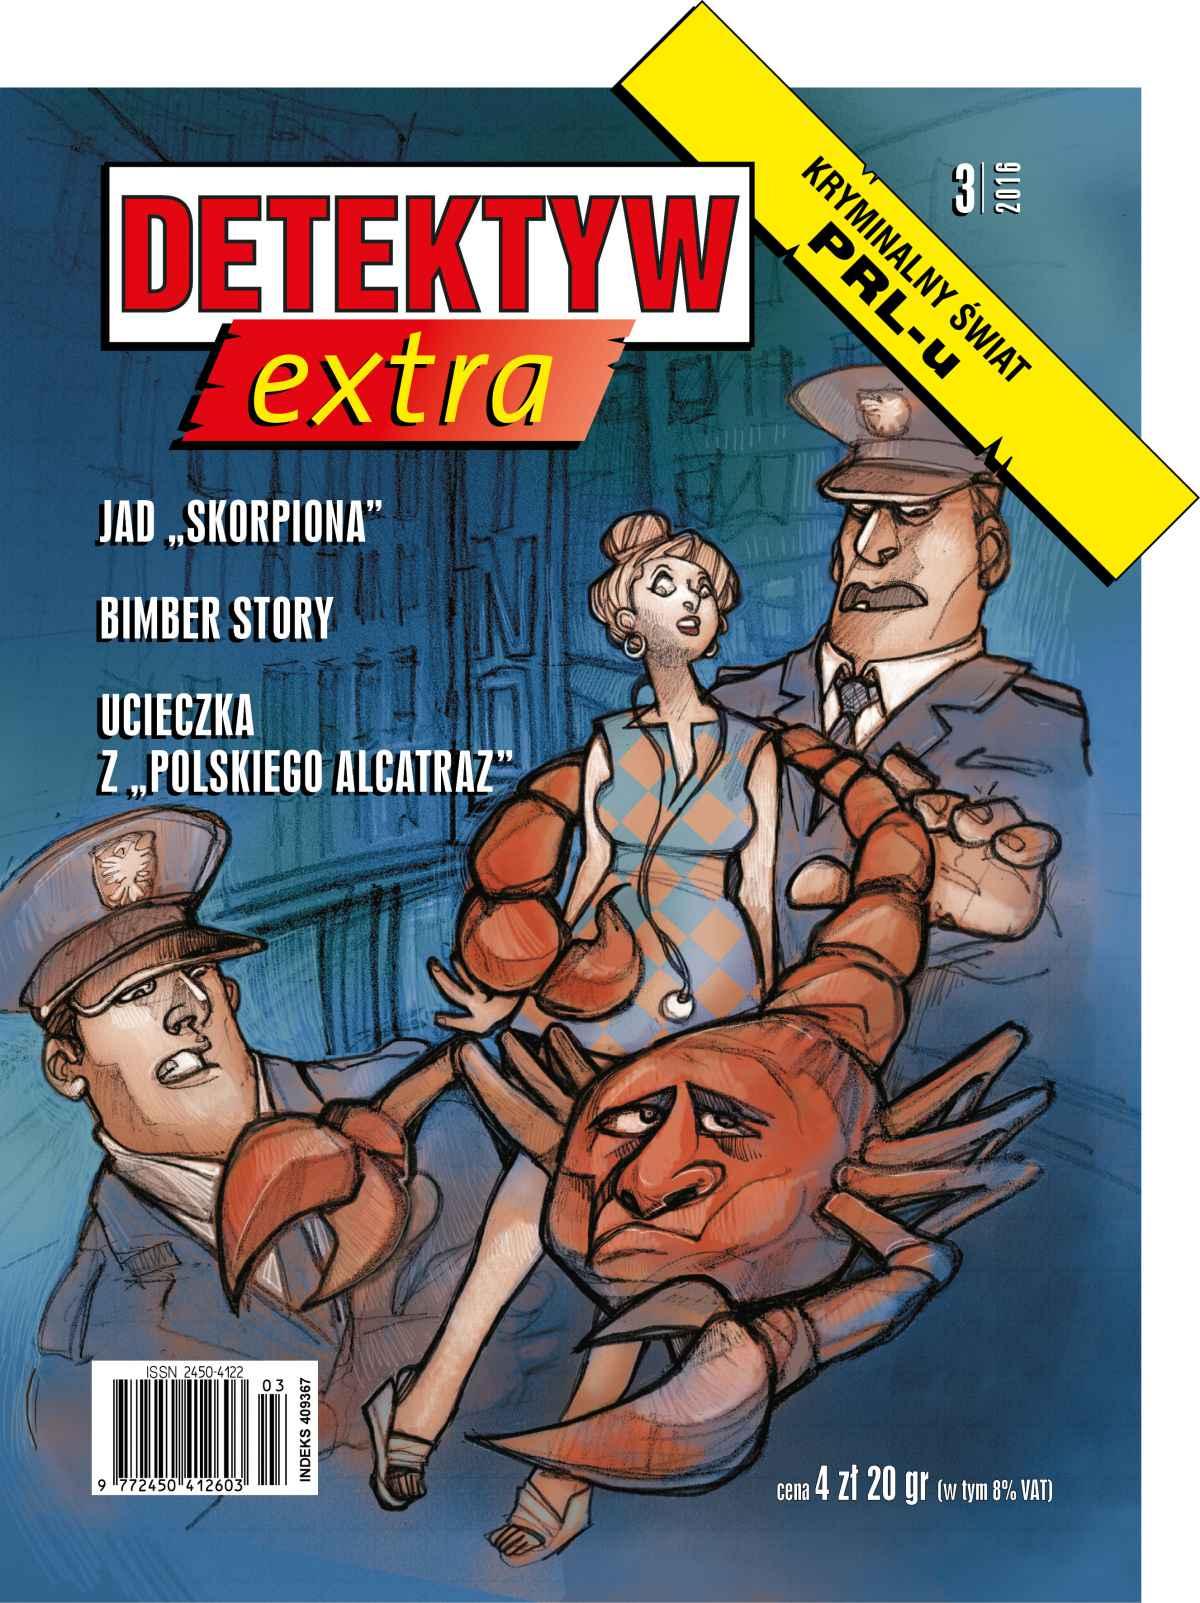 Detektyw Extra 3/2016 - Ebook (Książka na Kindle) do pobrania w formacie MOBI